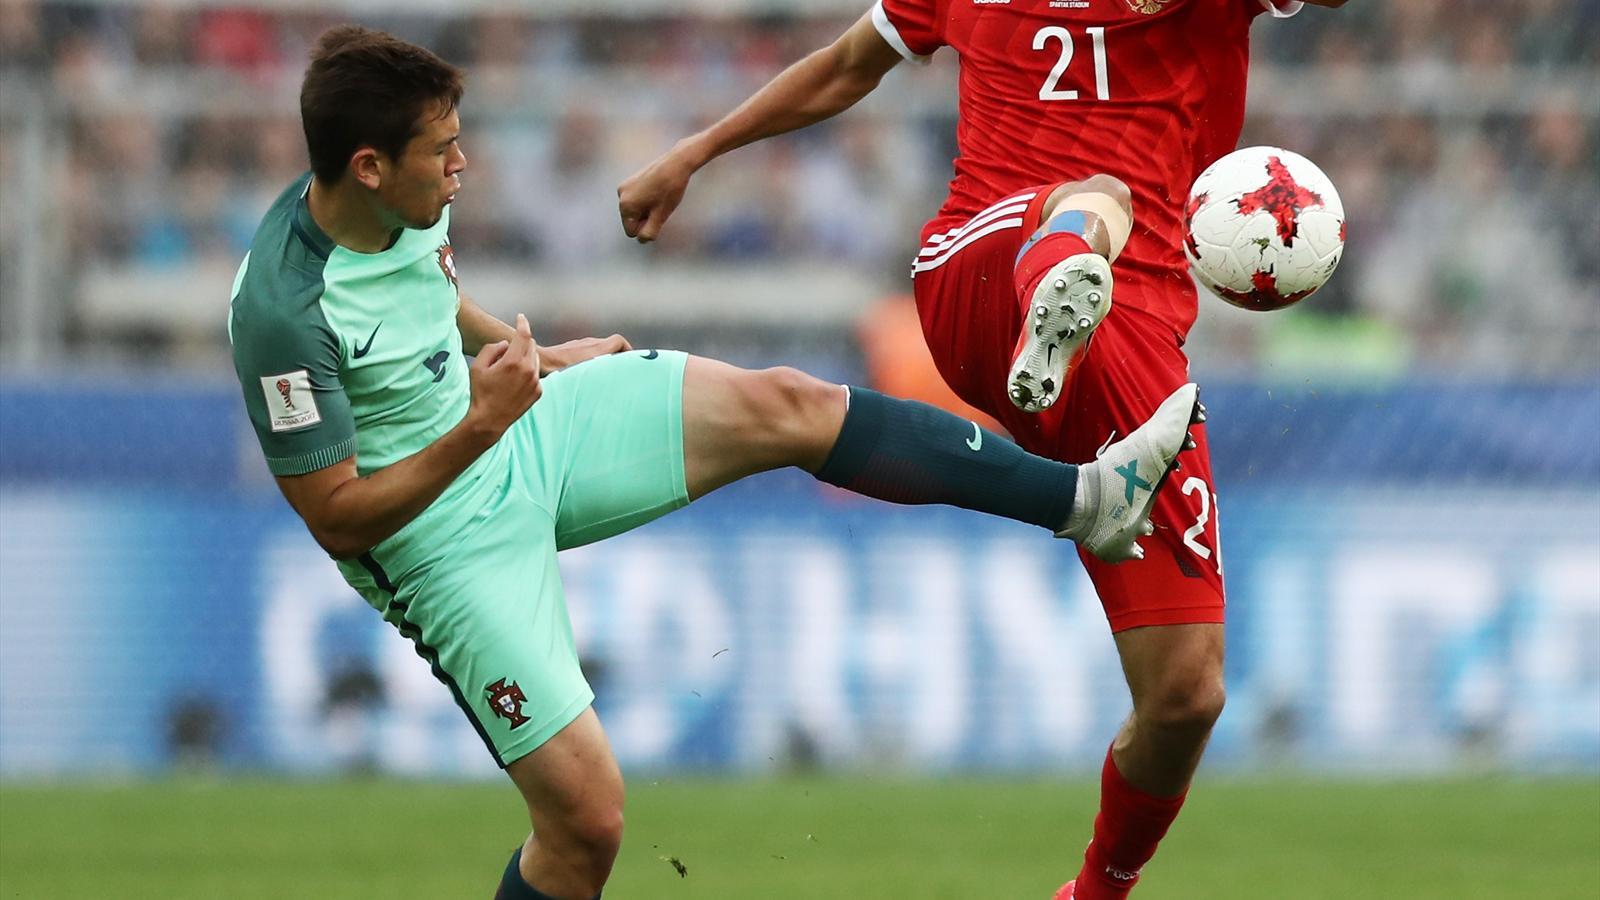 Portugal forfait guerreiro jouait depuis trois mois avec la jambe fractur e coupe des - Palmares coupe des confederations ...